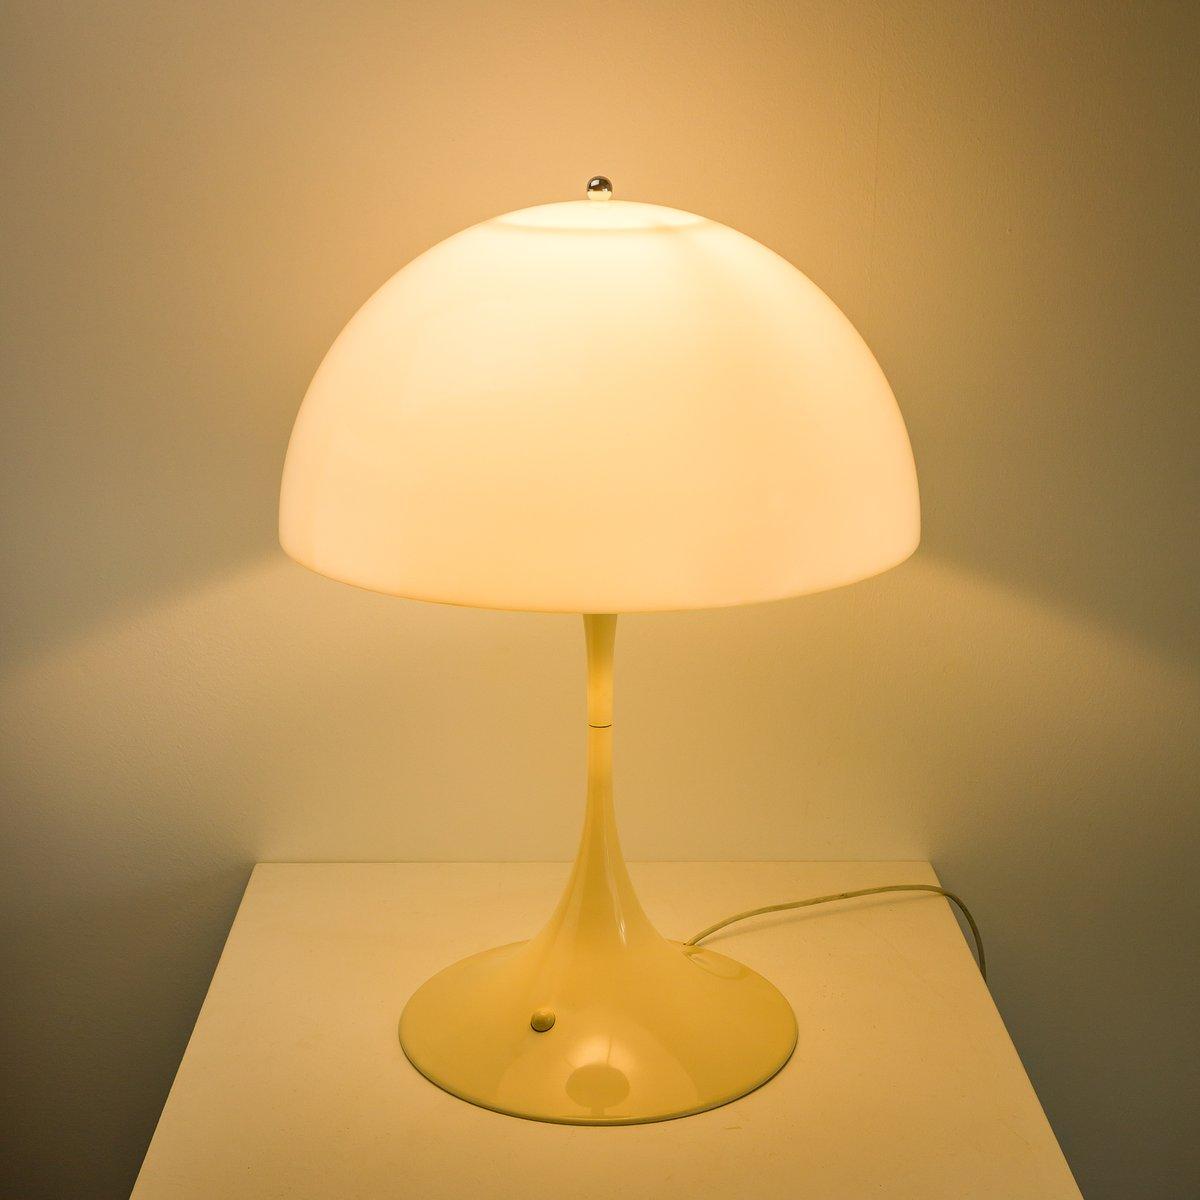 Lampe de bureau panthella par verner panton pour louis poulsen danemark 1960s en vente sur pamono - Lampe de bureau style anglais ...